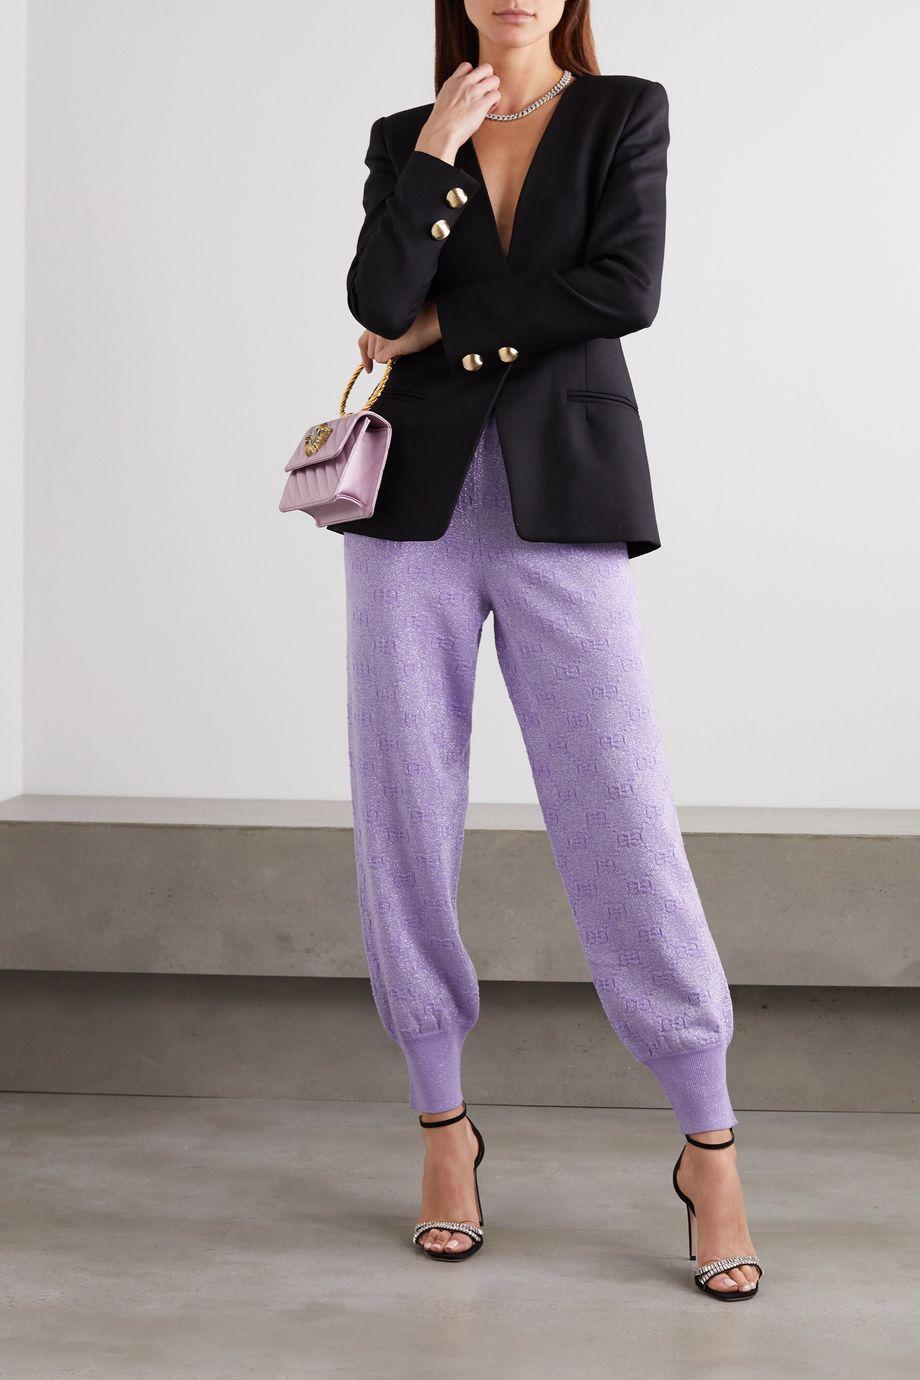 Gucci Jogginghose aus Metallic-Jacquard aus einer Wollmischung